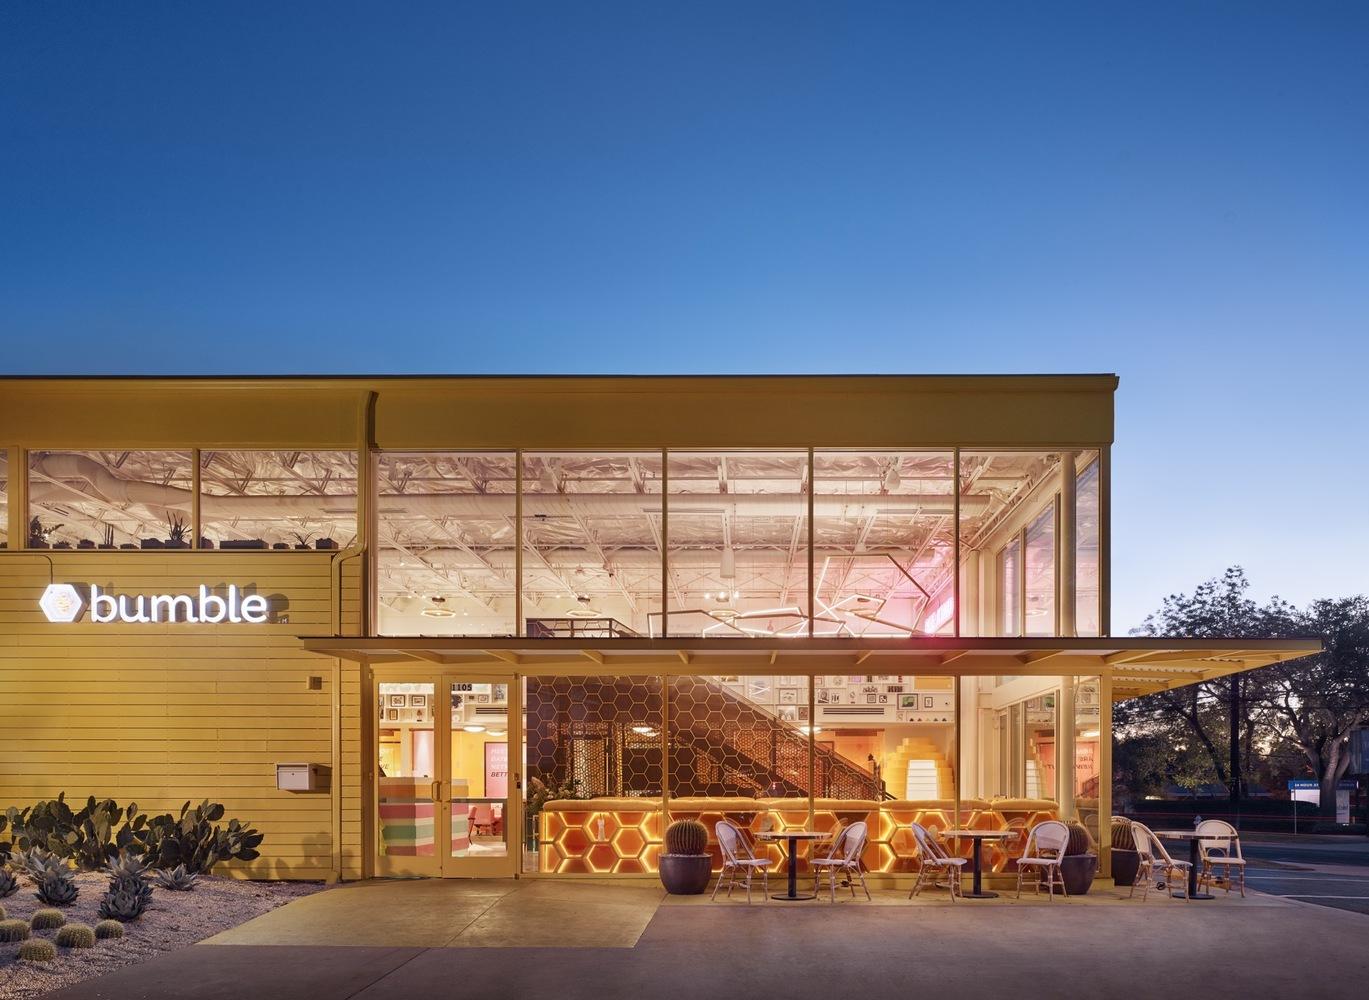 Bumble HQ, Architecture Digest